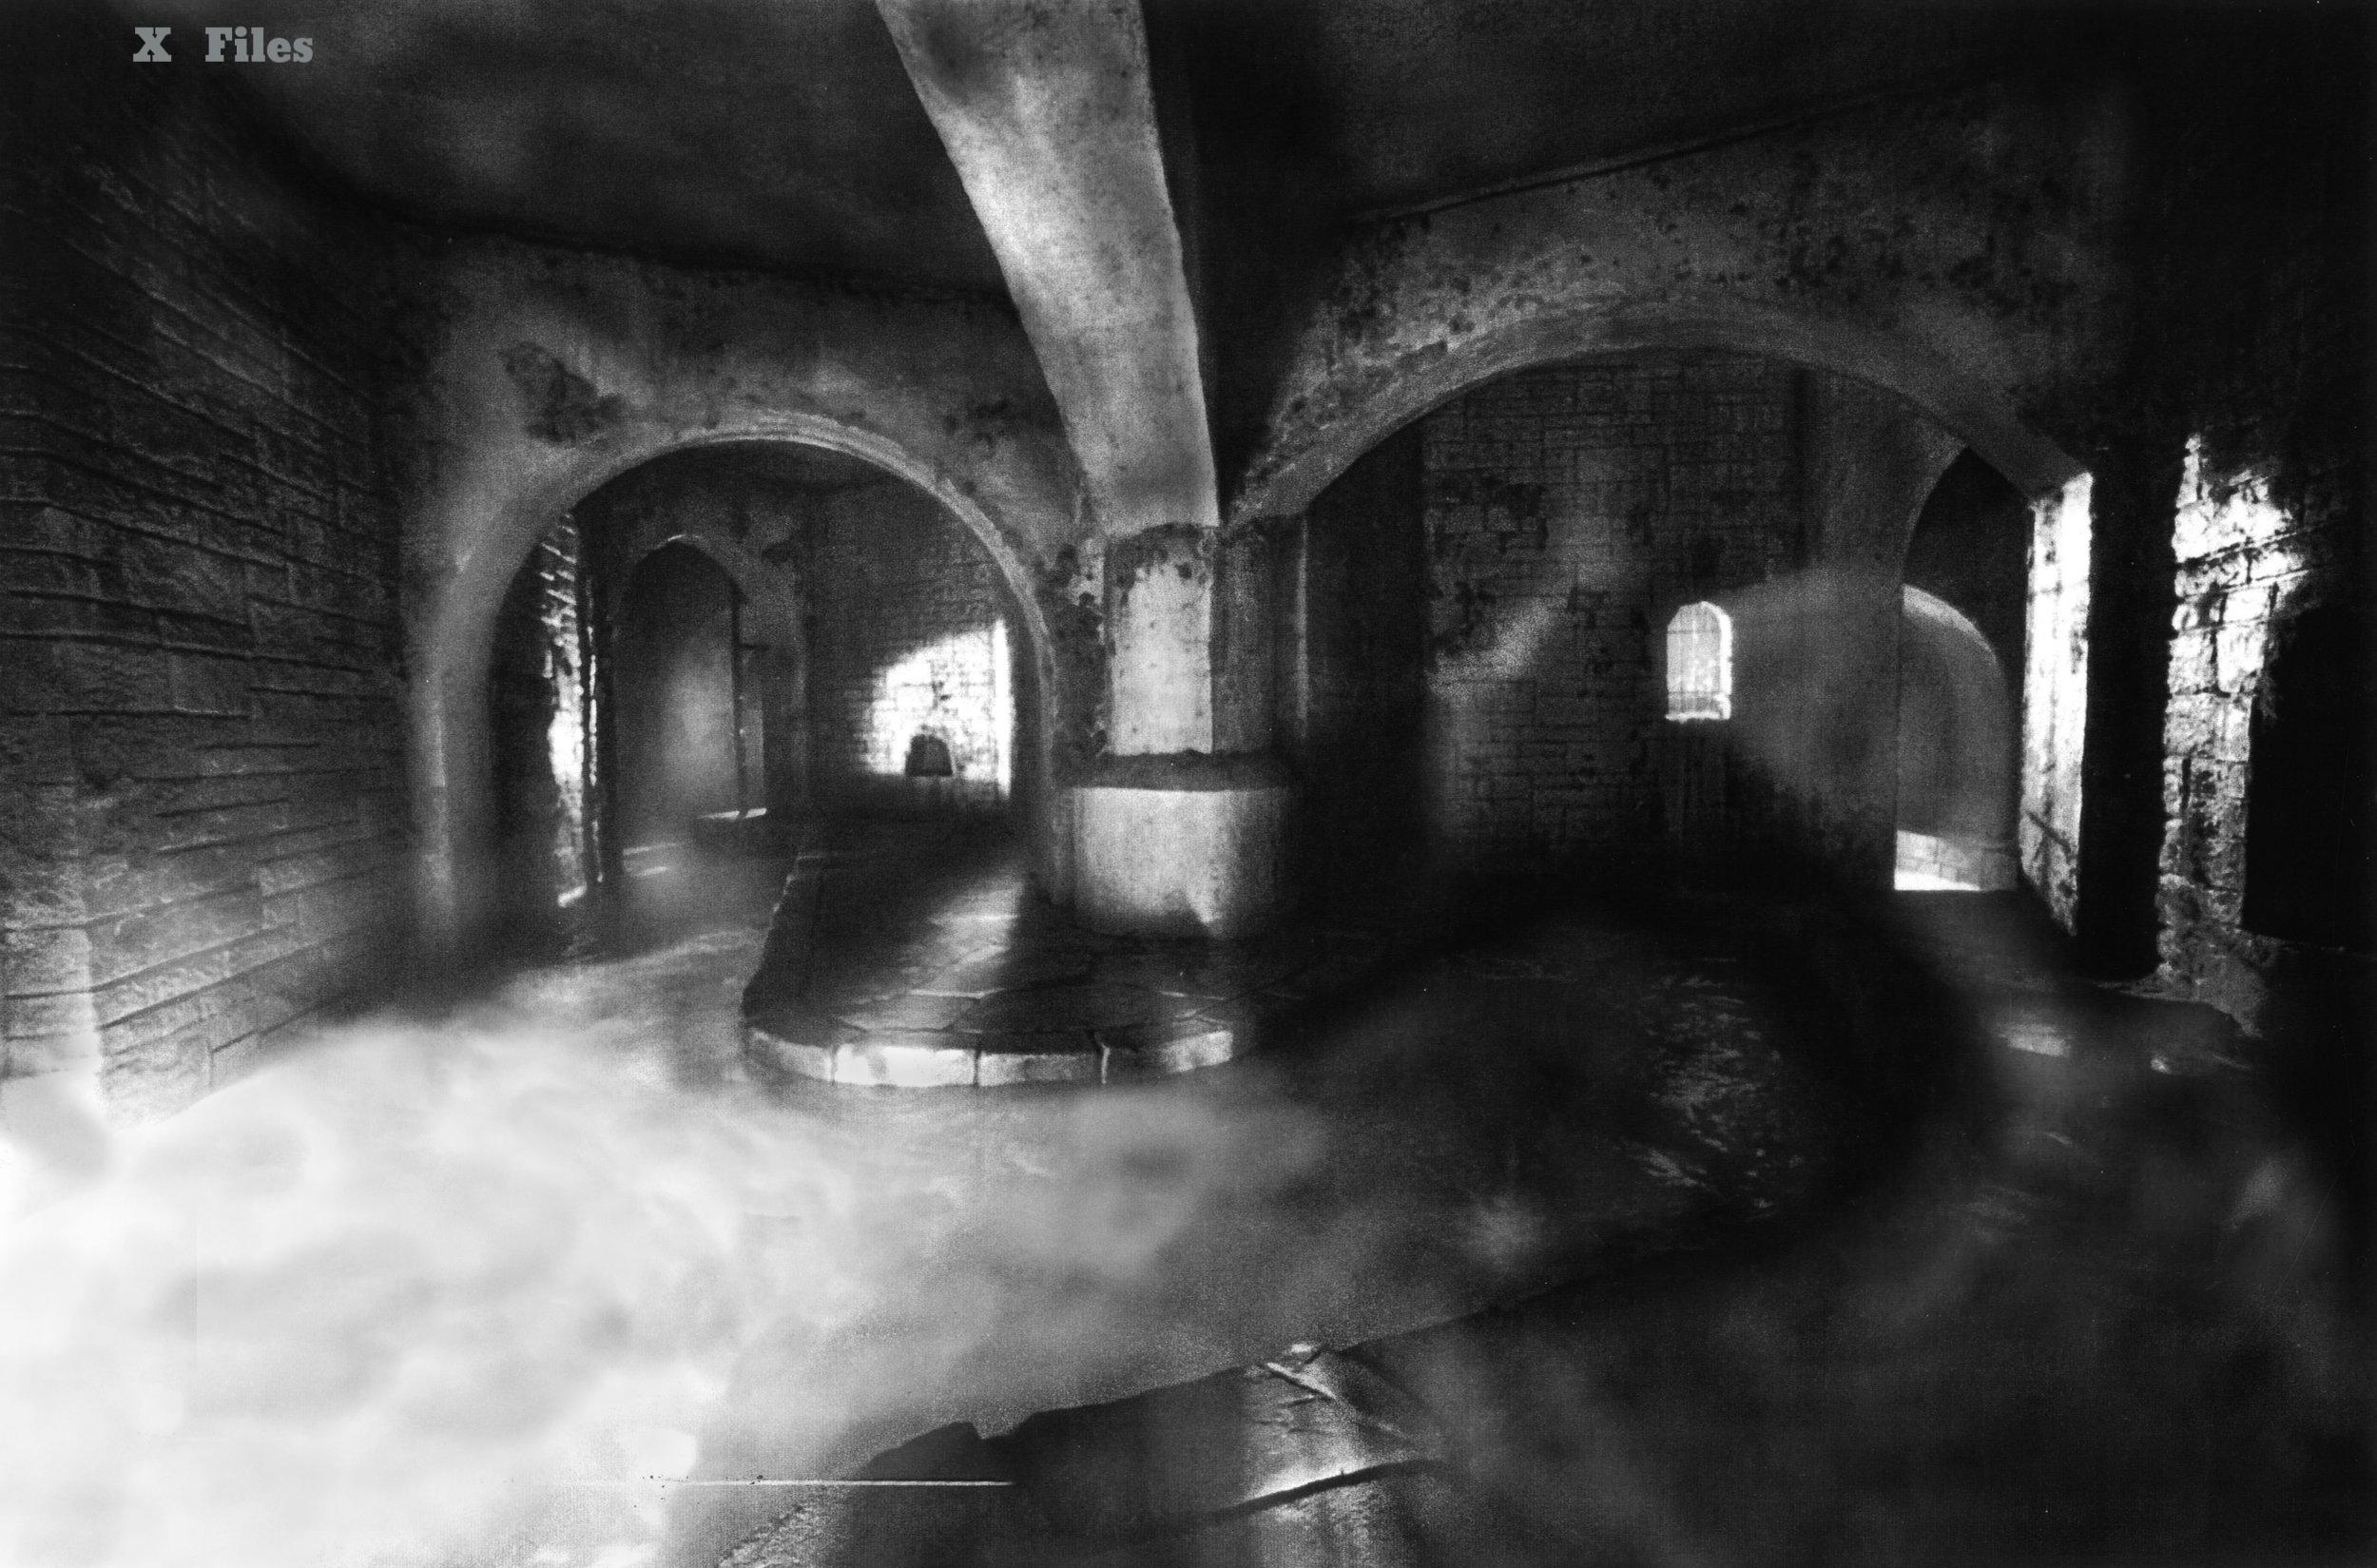 x- files photo , river 3rd man.jpg